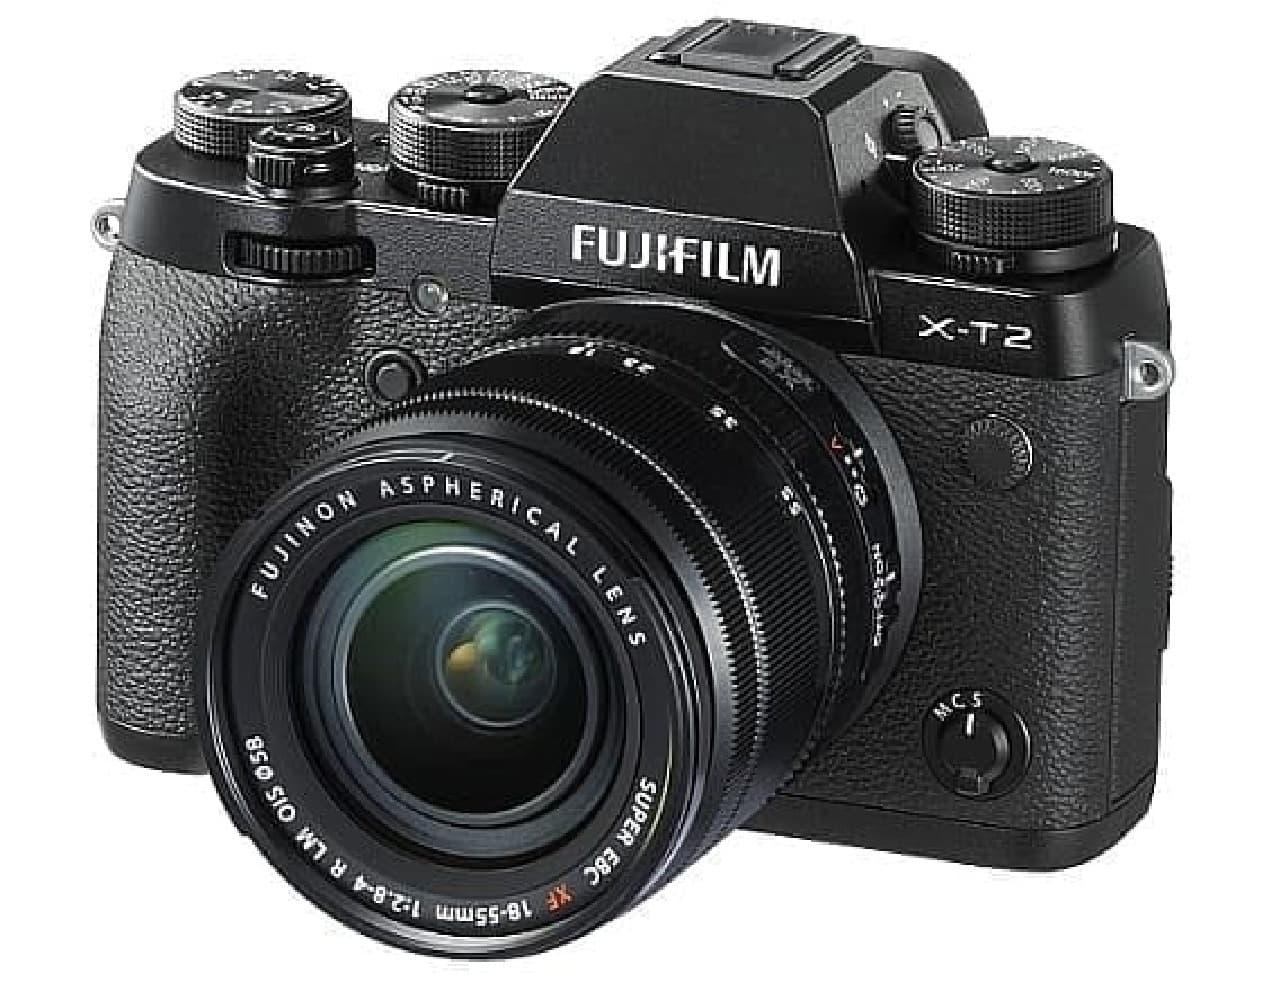 ミラーレスデジタルカメラ「FUJIFILM_X-T21」